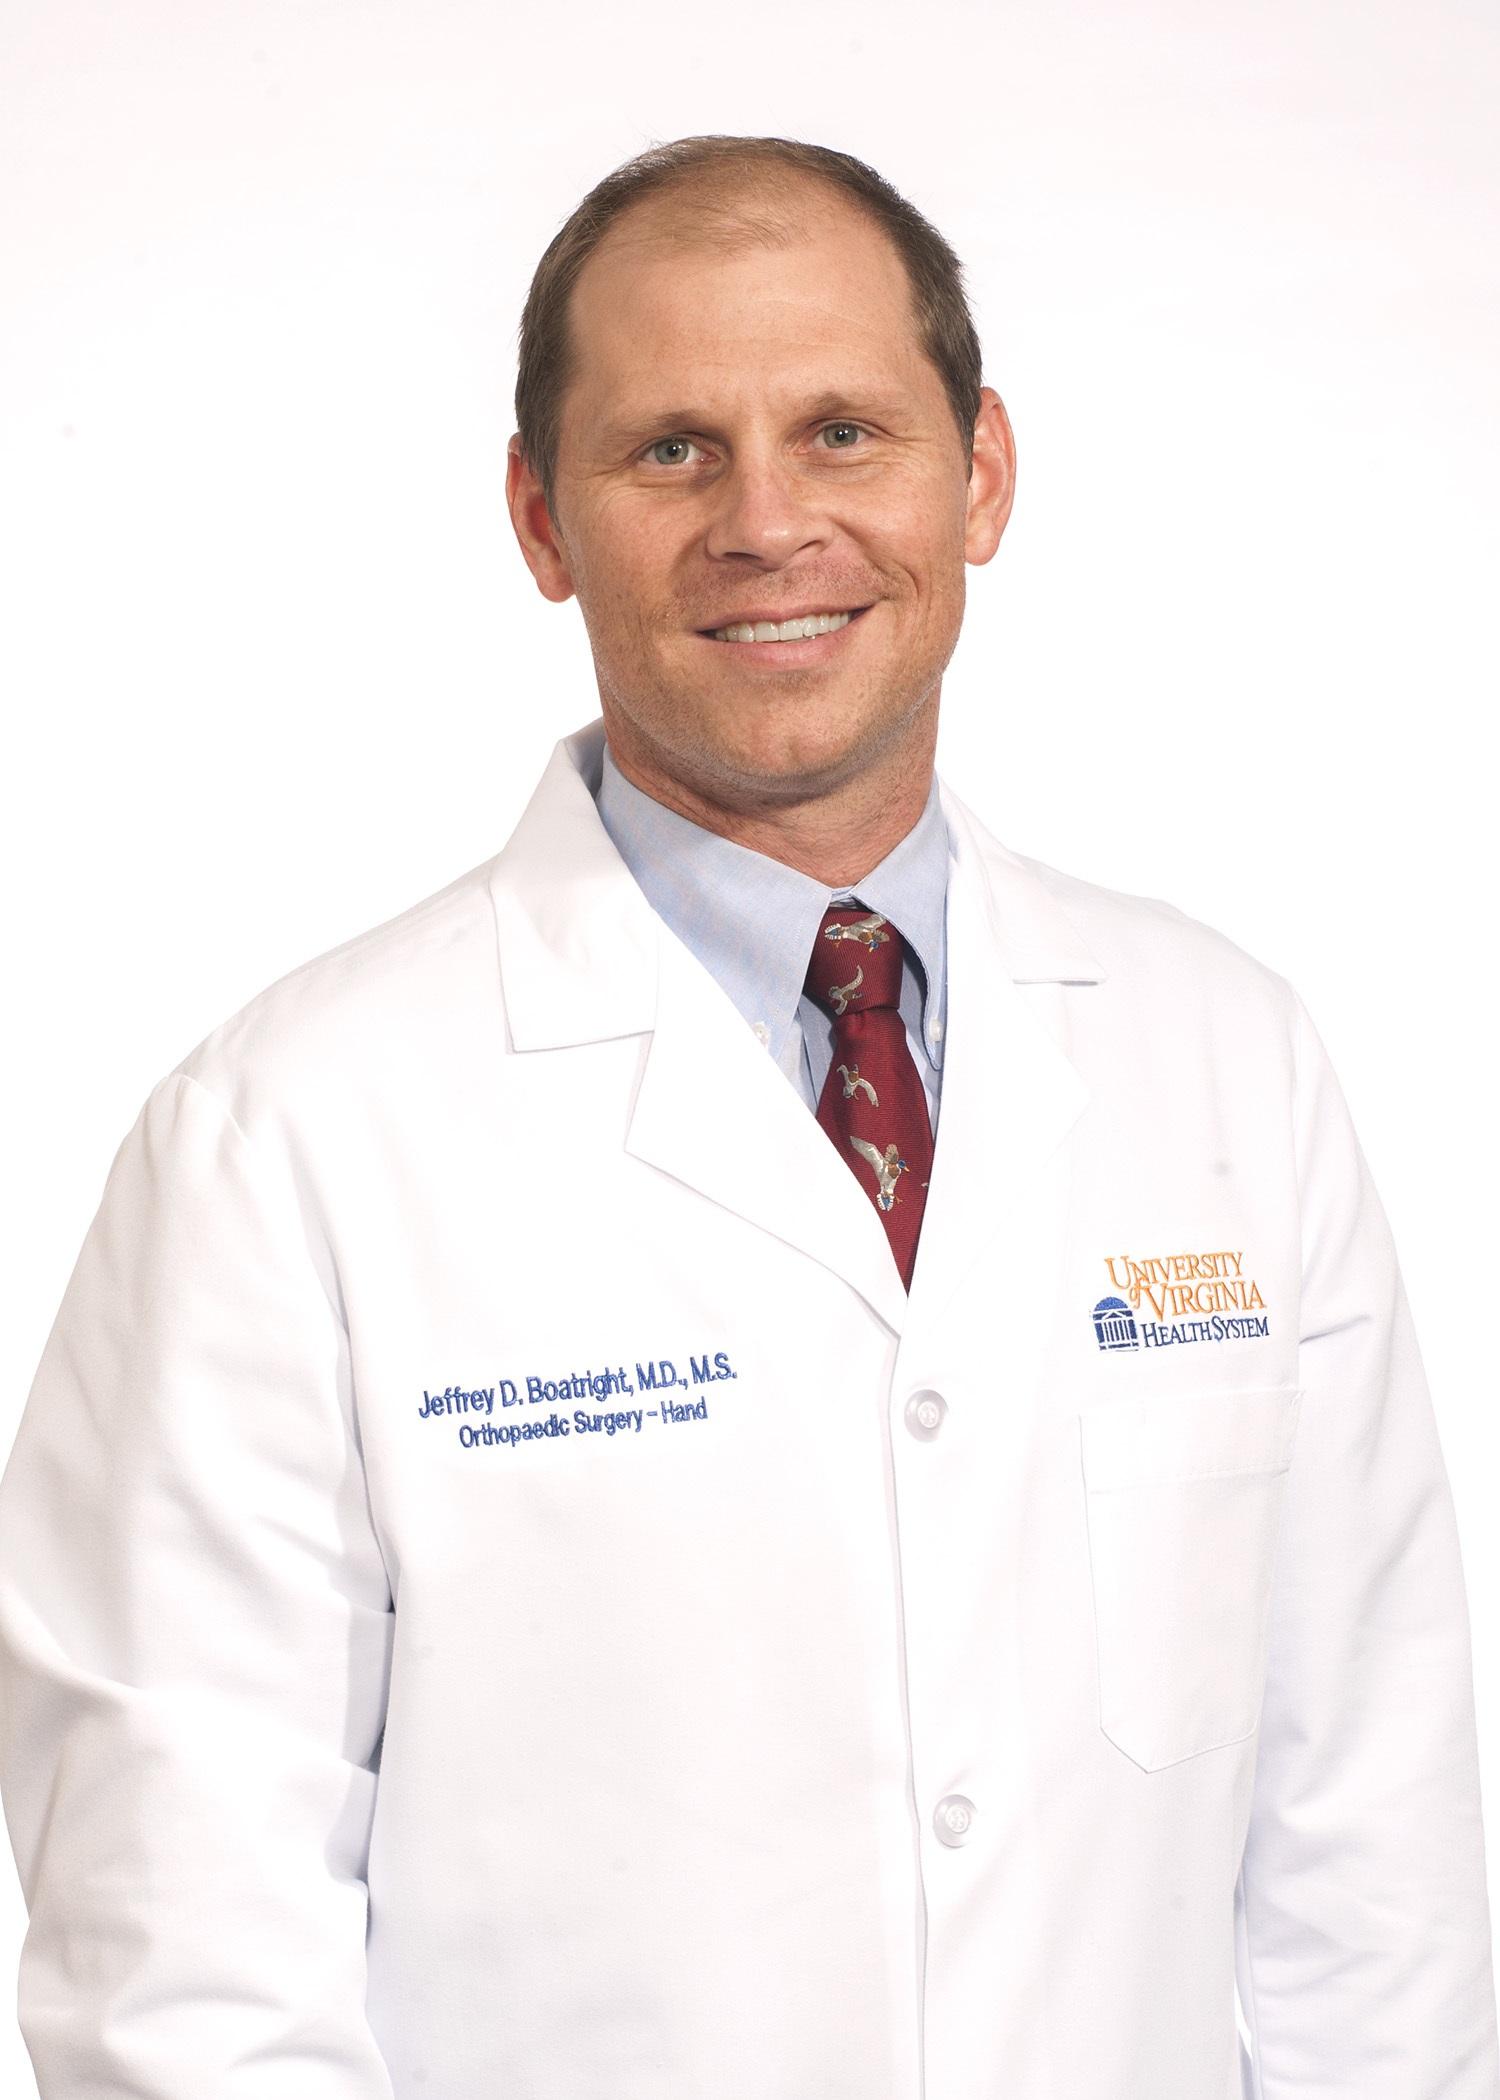 Jeff Boatwright, MD